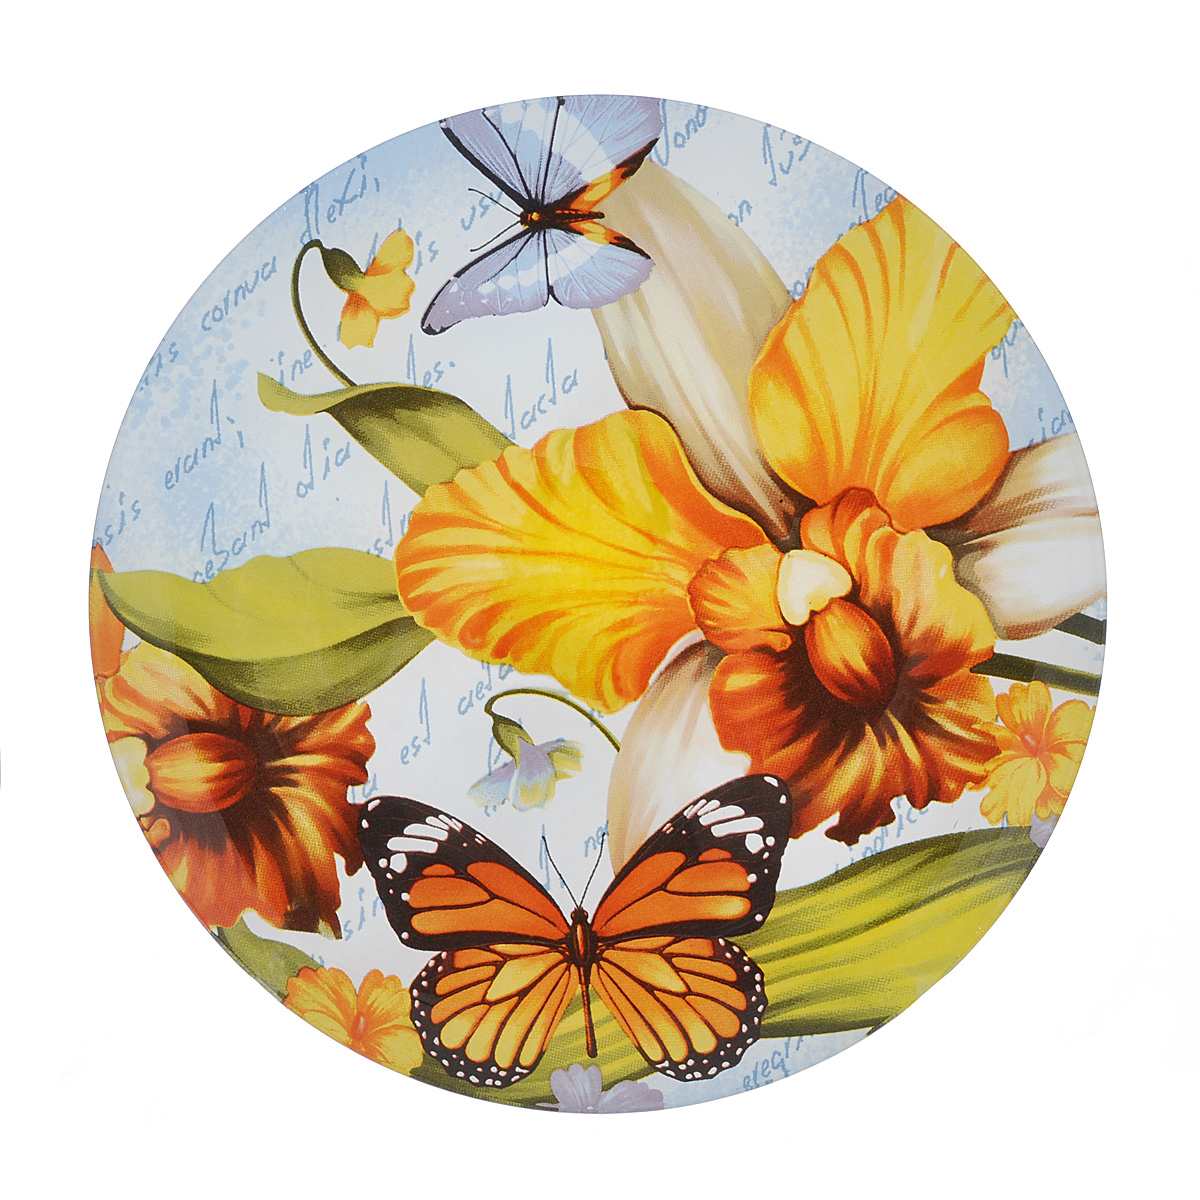 """Тарелка Zibo Shelley """"Лето"""" изготовлена из высококачественного стекла. Предназначена для красивой подачи различных блюд. Изделие украшено ярким изображением цветов.  Такая тарелка украсит сервировку стола и подчеркнет прекрасный вкус хозяйки. Можно мыть в посудомоечной машине.  Диаметр: 20 см. Высота: 1 см."""